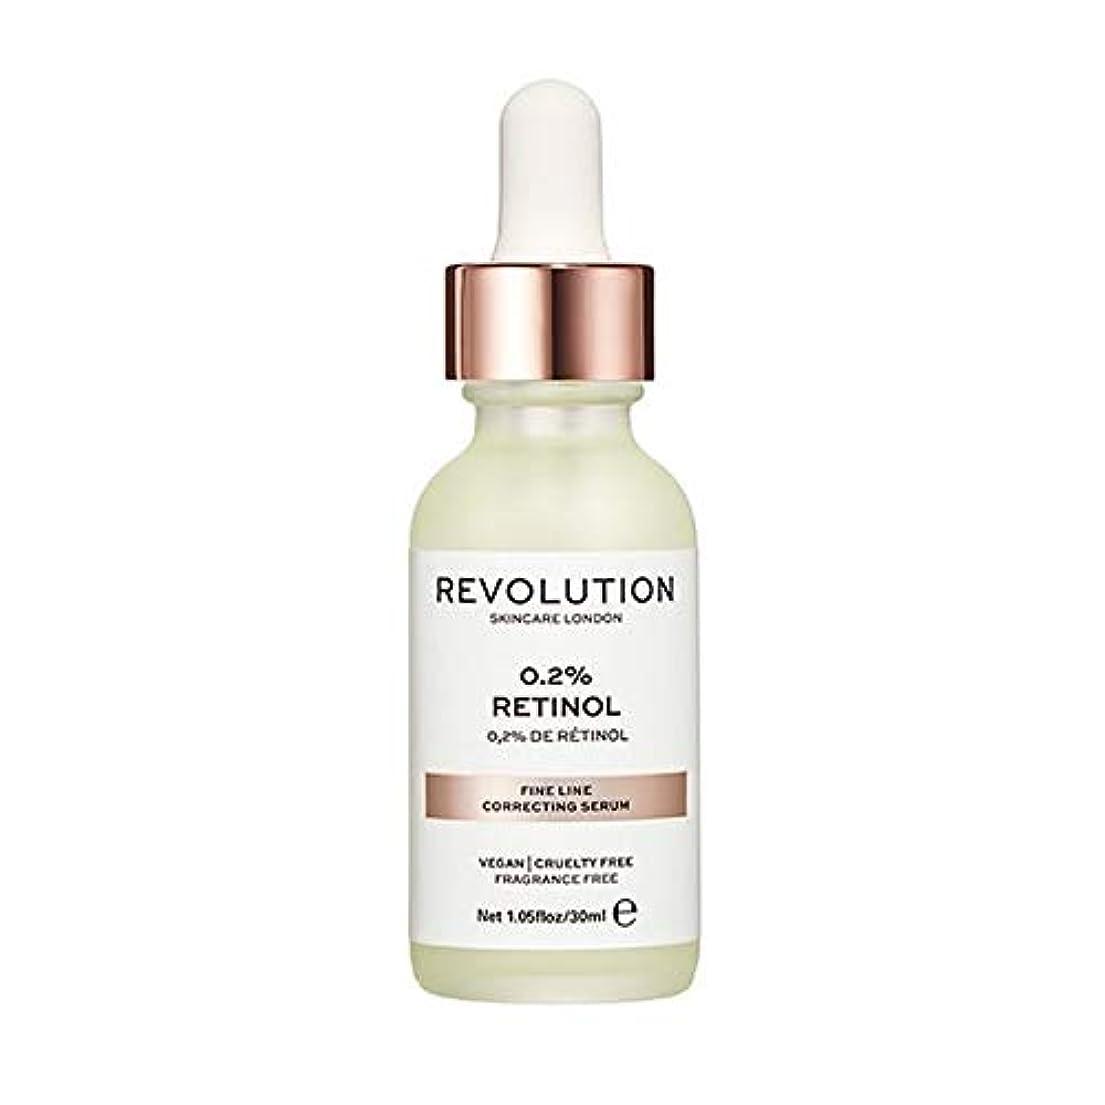 リズミカルな蒸留姪[Revolution] 革命のスキンケア細線補正した血清 - Revolution Skincare Fine Line Correcting Serum [並行輸入品]